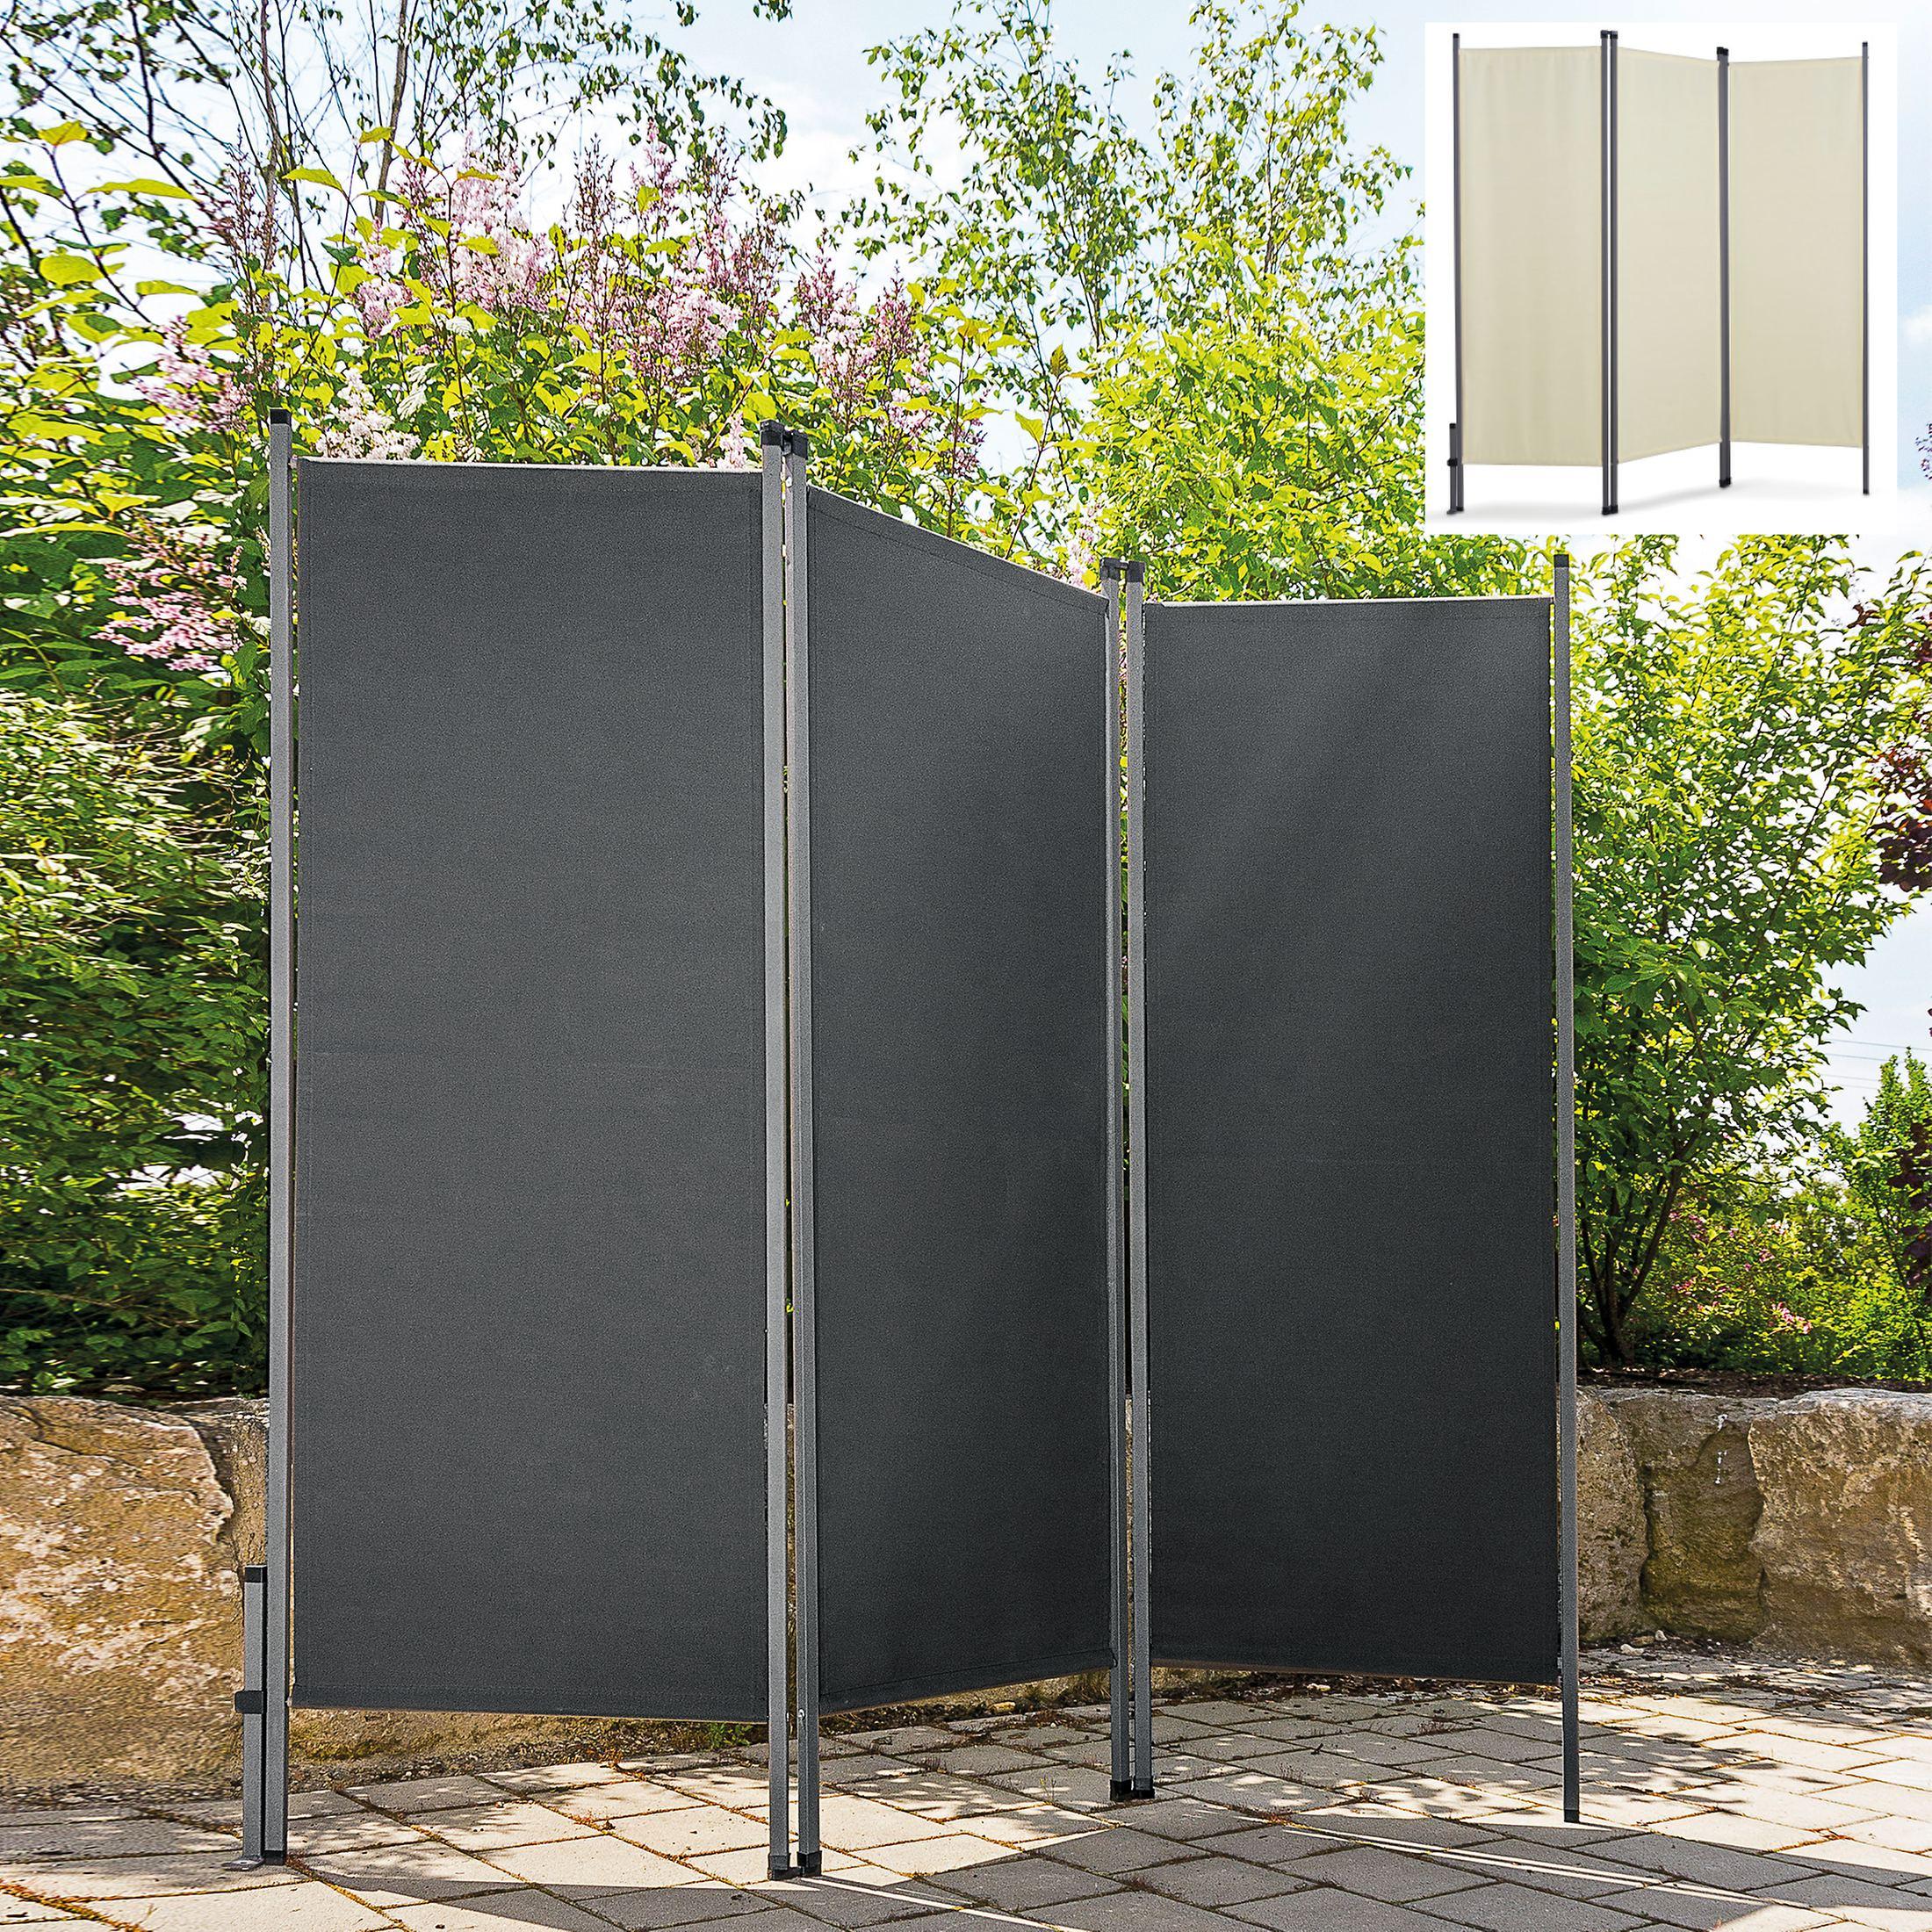 Full Size of Paravent Garten Obi Trennwand Whirlpool Aufblasbar Klettergerüst Und Landschaftsbau Berlin Holzhaus Gerätehaus Lounge Möbel Ausziehtisch Skulpturen Wohnzimmer Paravent Garten Obi